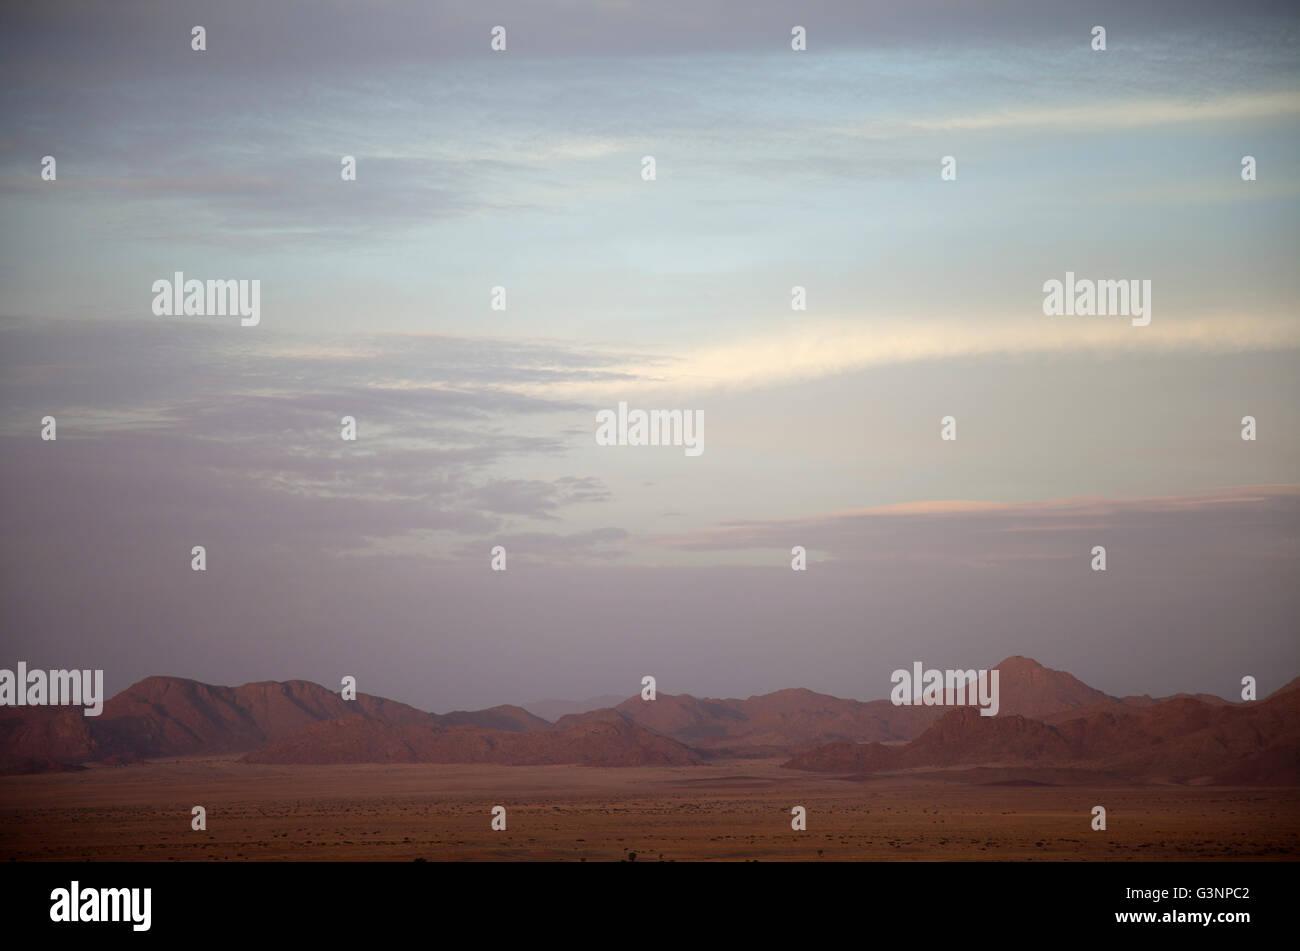 Namib Desert Star Dune Camp Views in Evening in Namibia - Stock Image